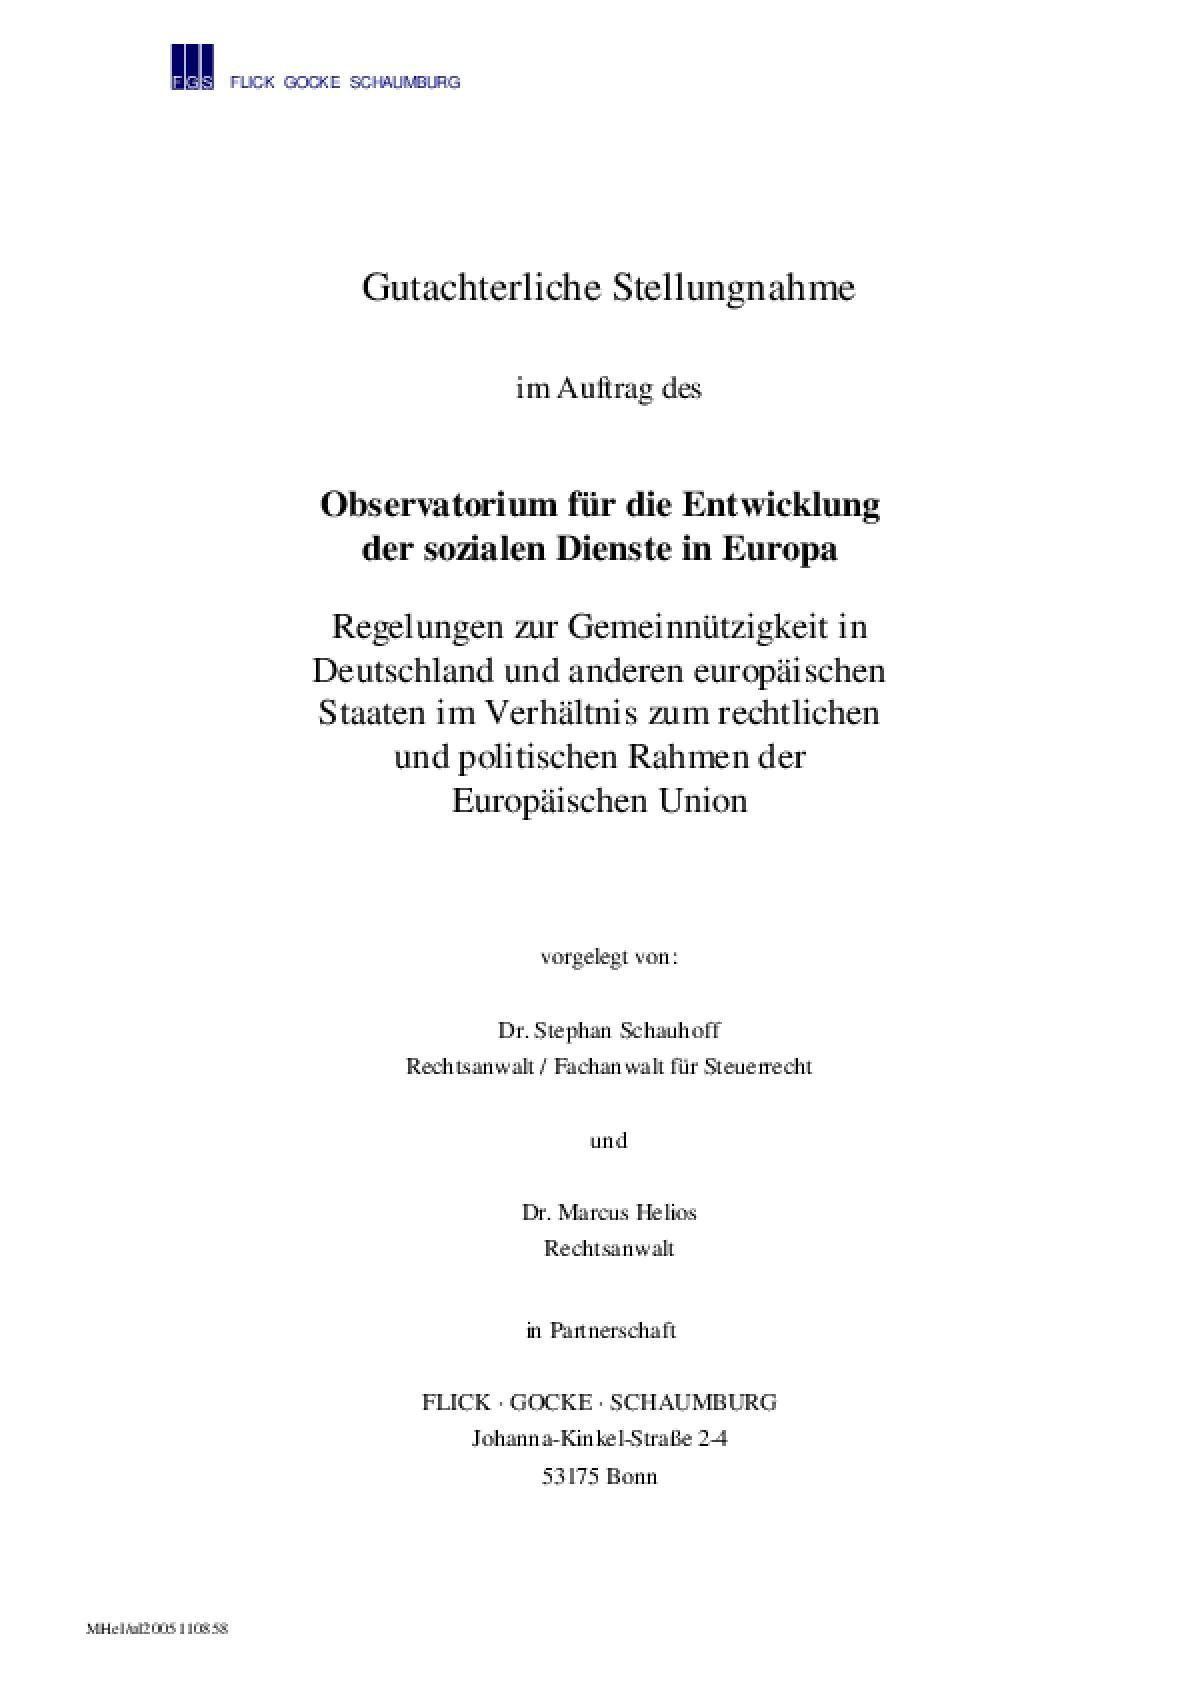 Regelungen Zur Gemeinnützigkeit in Deutschland Und Anderen Europäischen Staaten Im Verhältnis Zum Rechtlichen Und Politischen Rahmen Der Europäischen Union